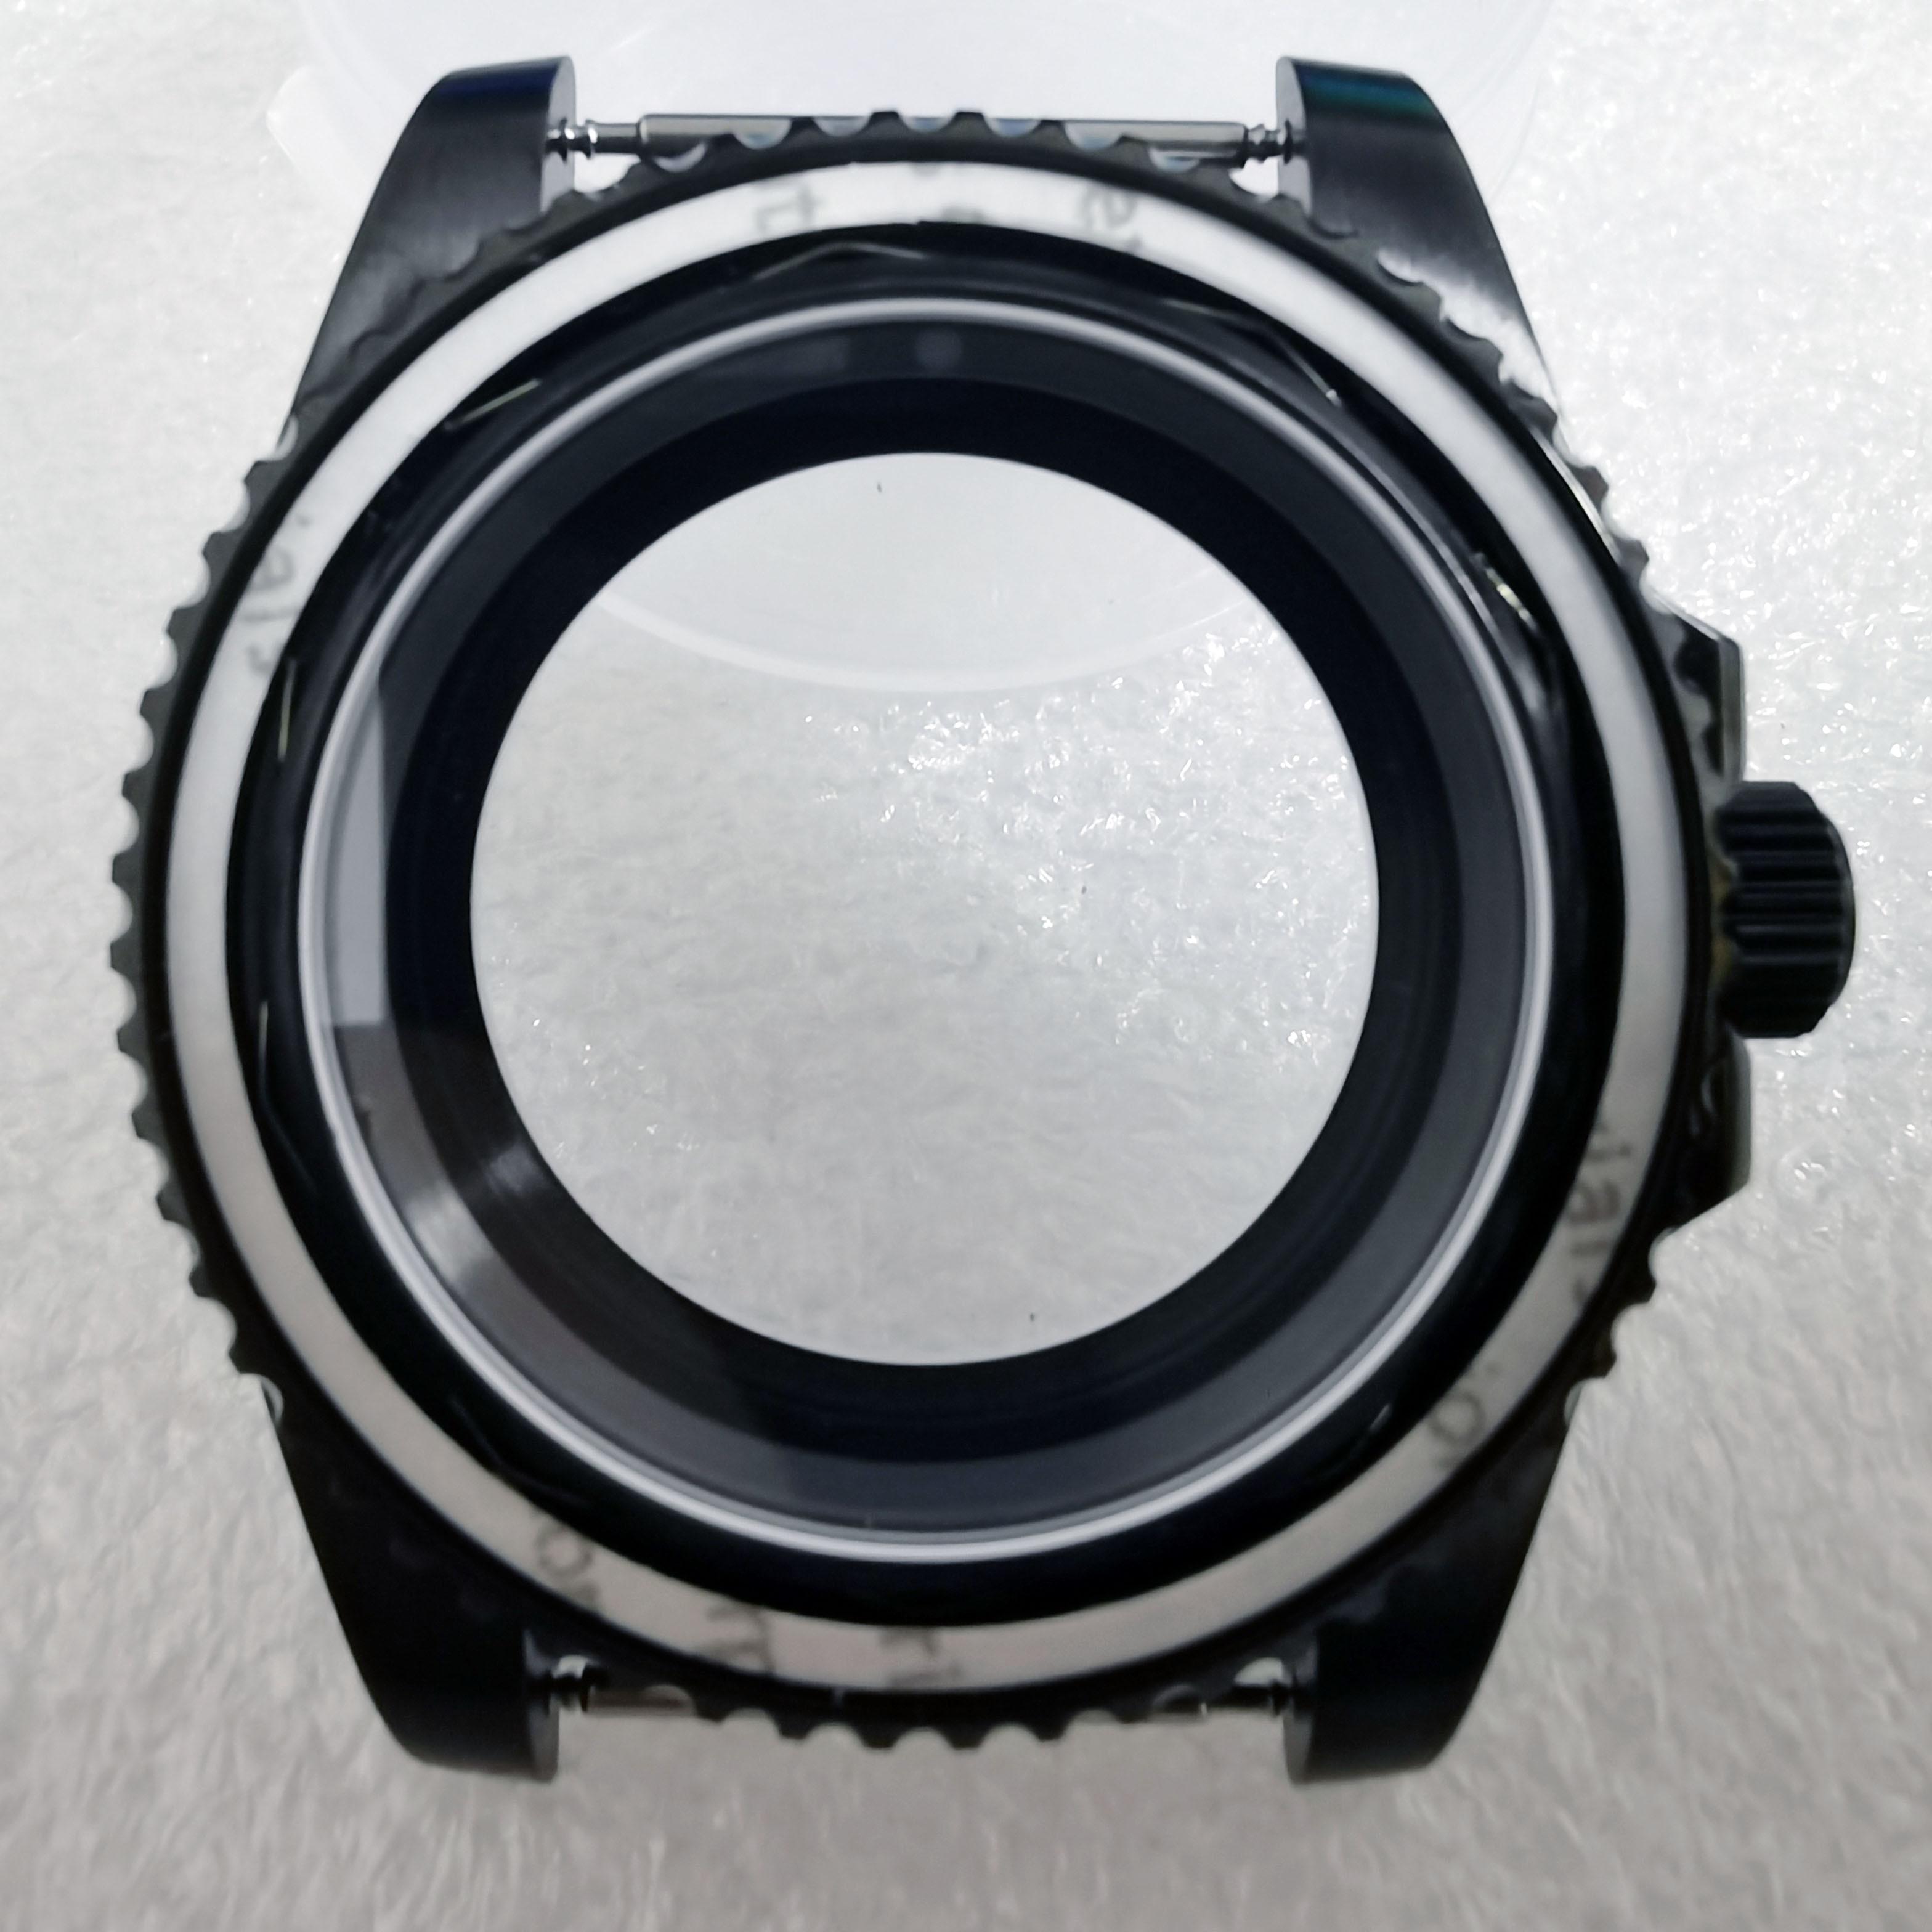 علبة ساعة من الياقوت والزجاج ، 40 مللي متر SS 100 م ، إطار أسود ، مناسب لـ Nh35 ، الحركة الميكانيكية ، الغوص ، 10atm